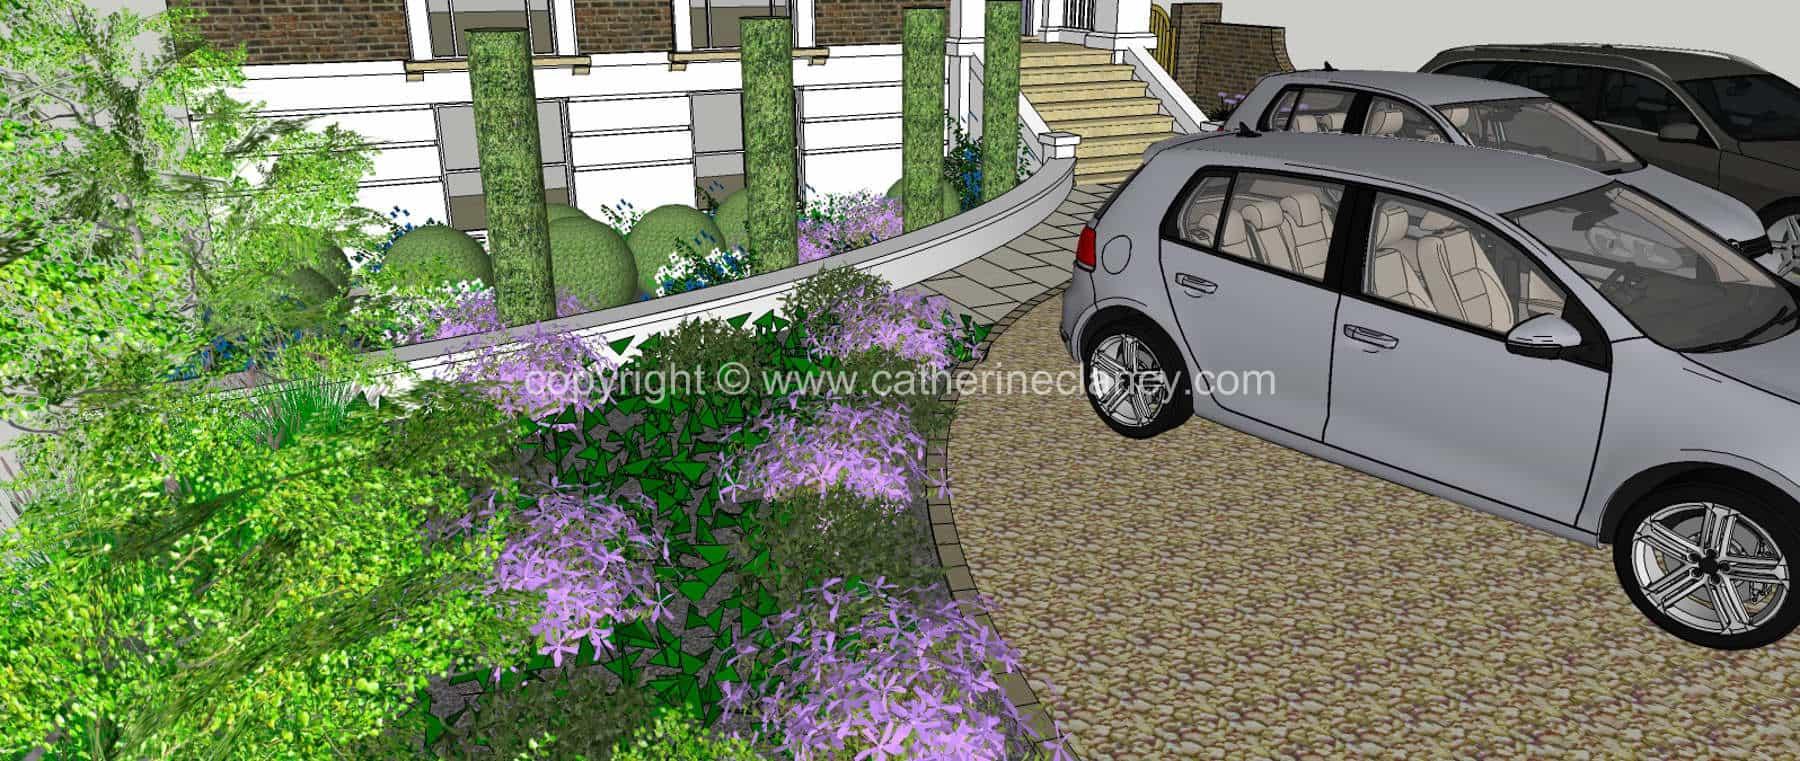 blackheath-front-garden-13